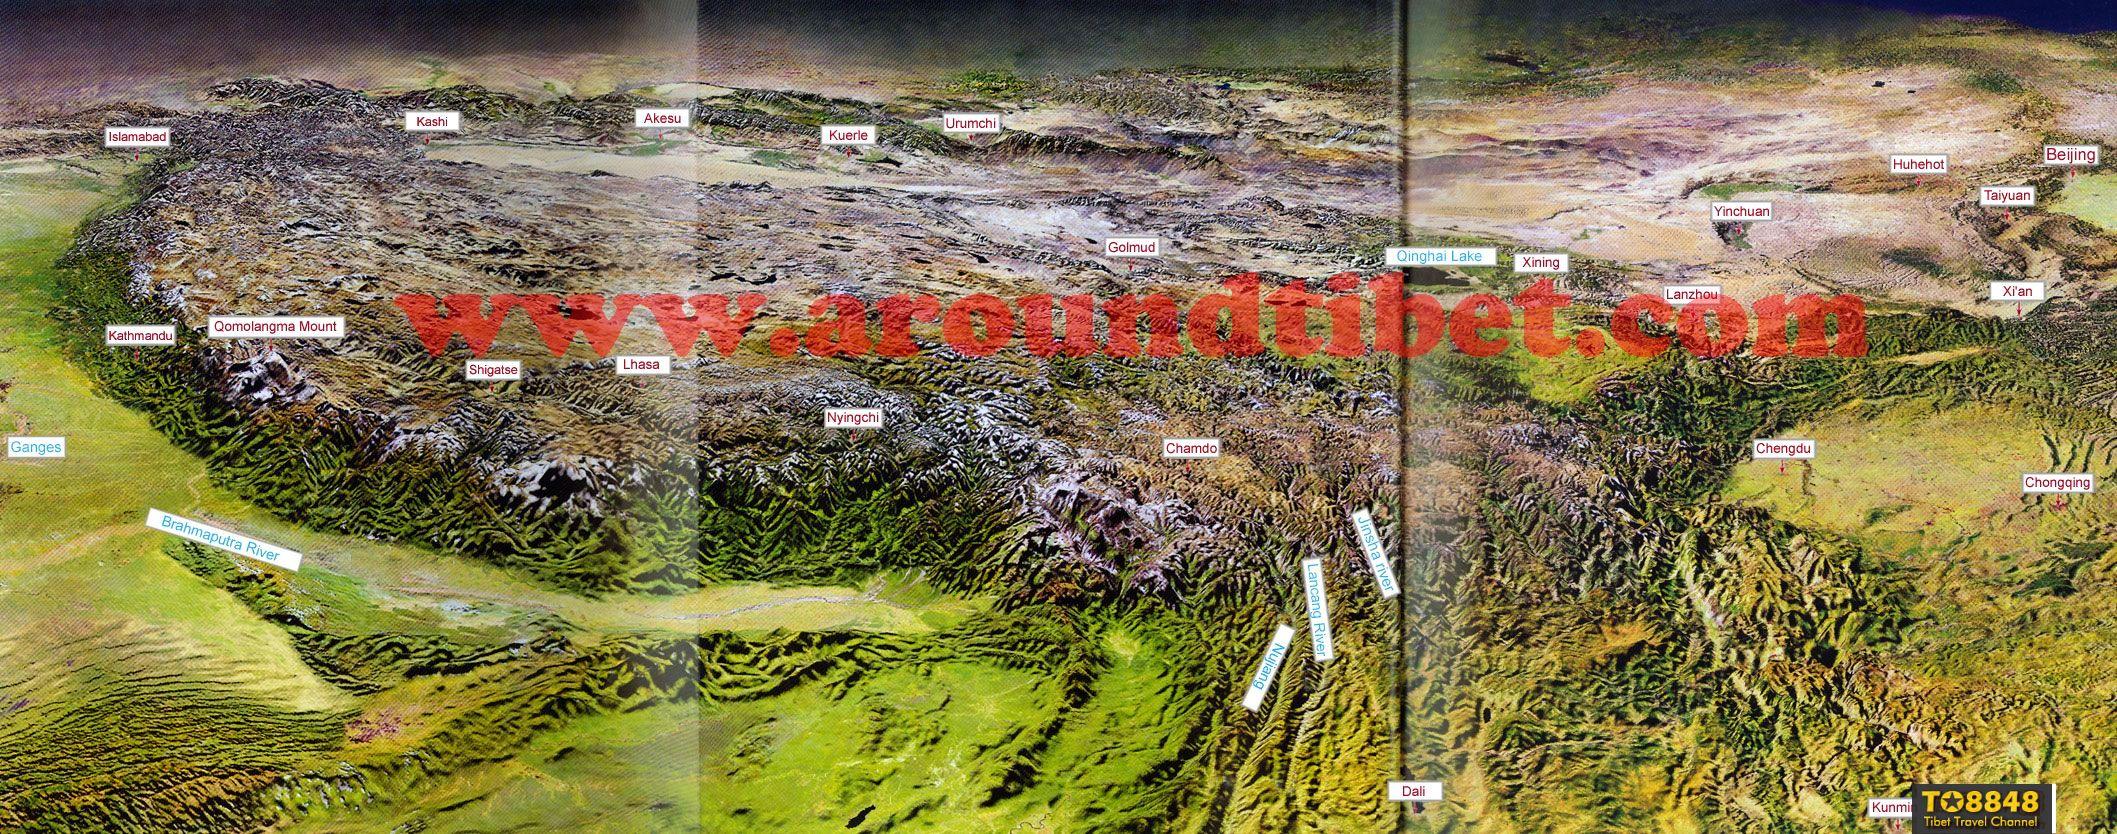 Qinghai-Tibet Plateau map